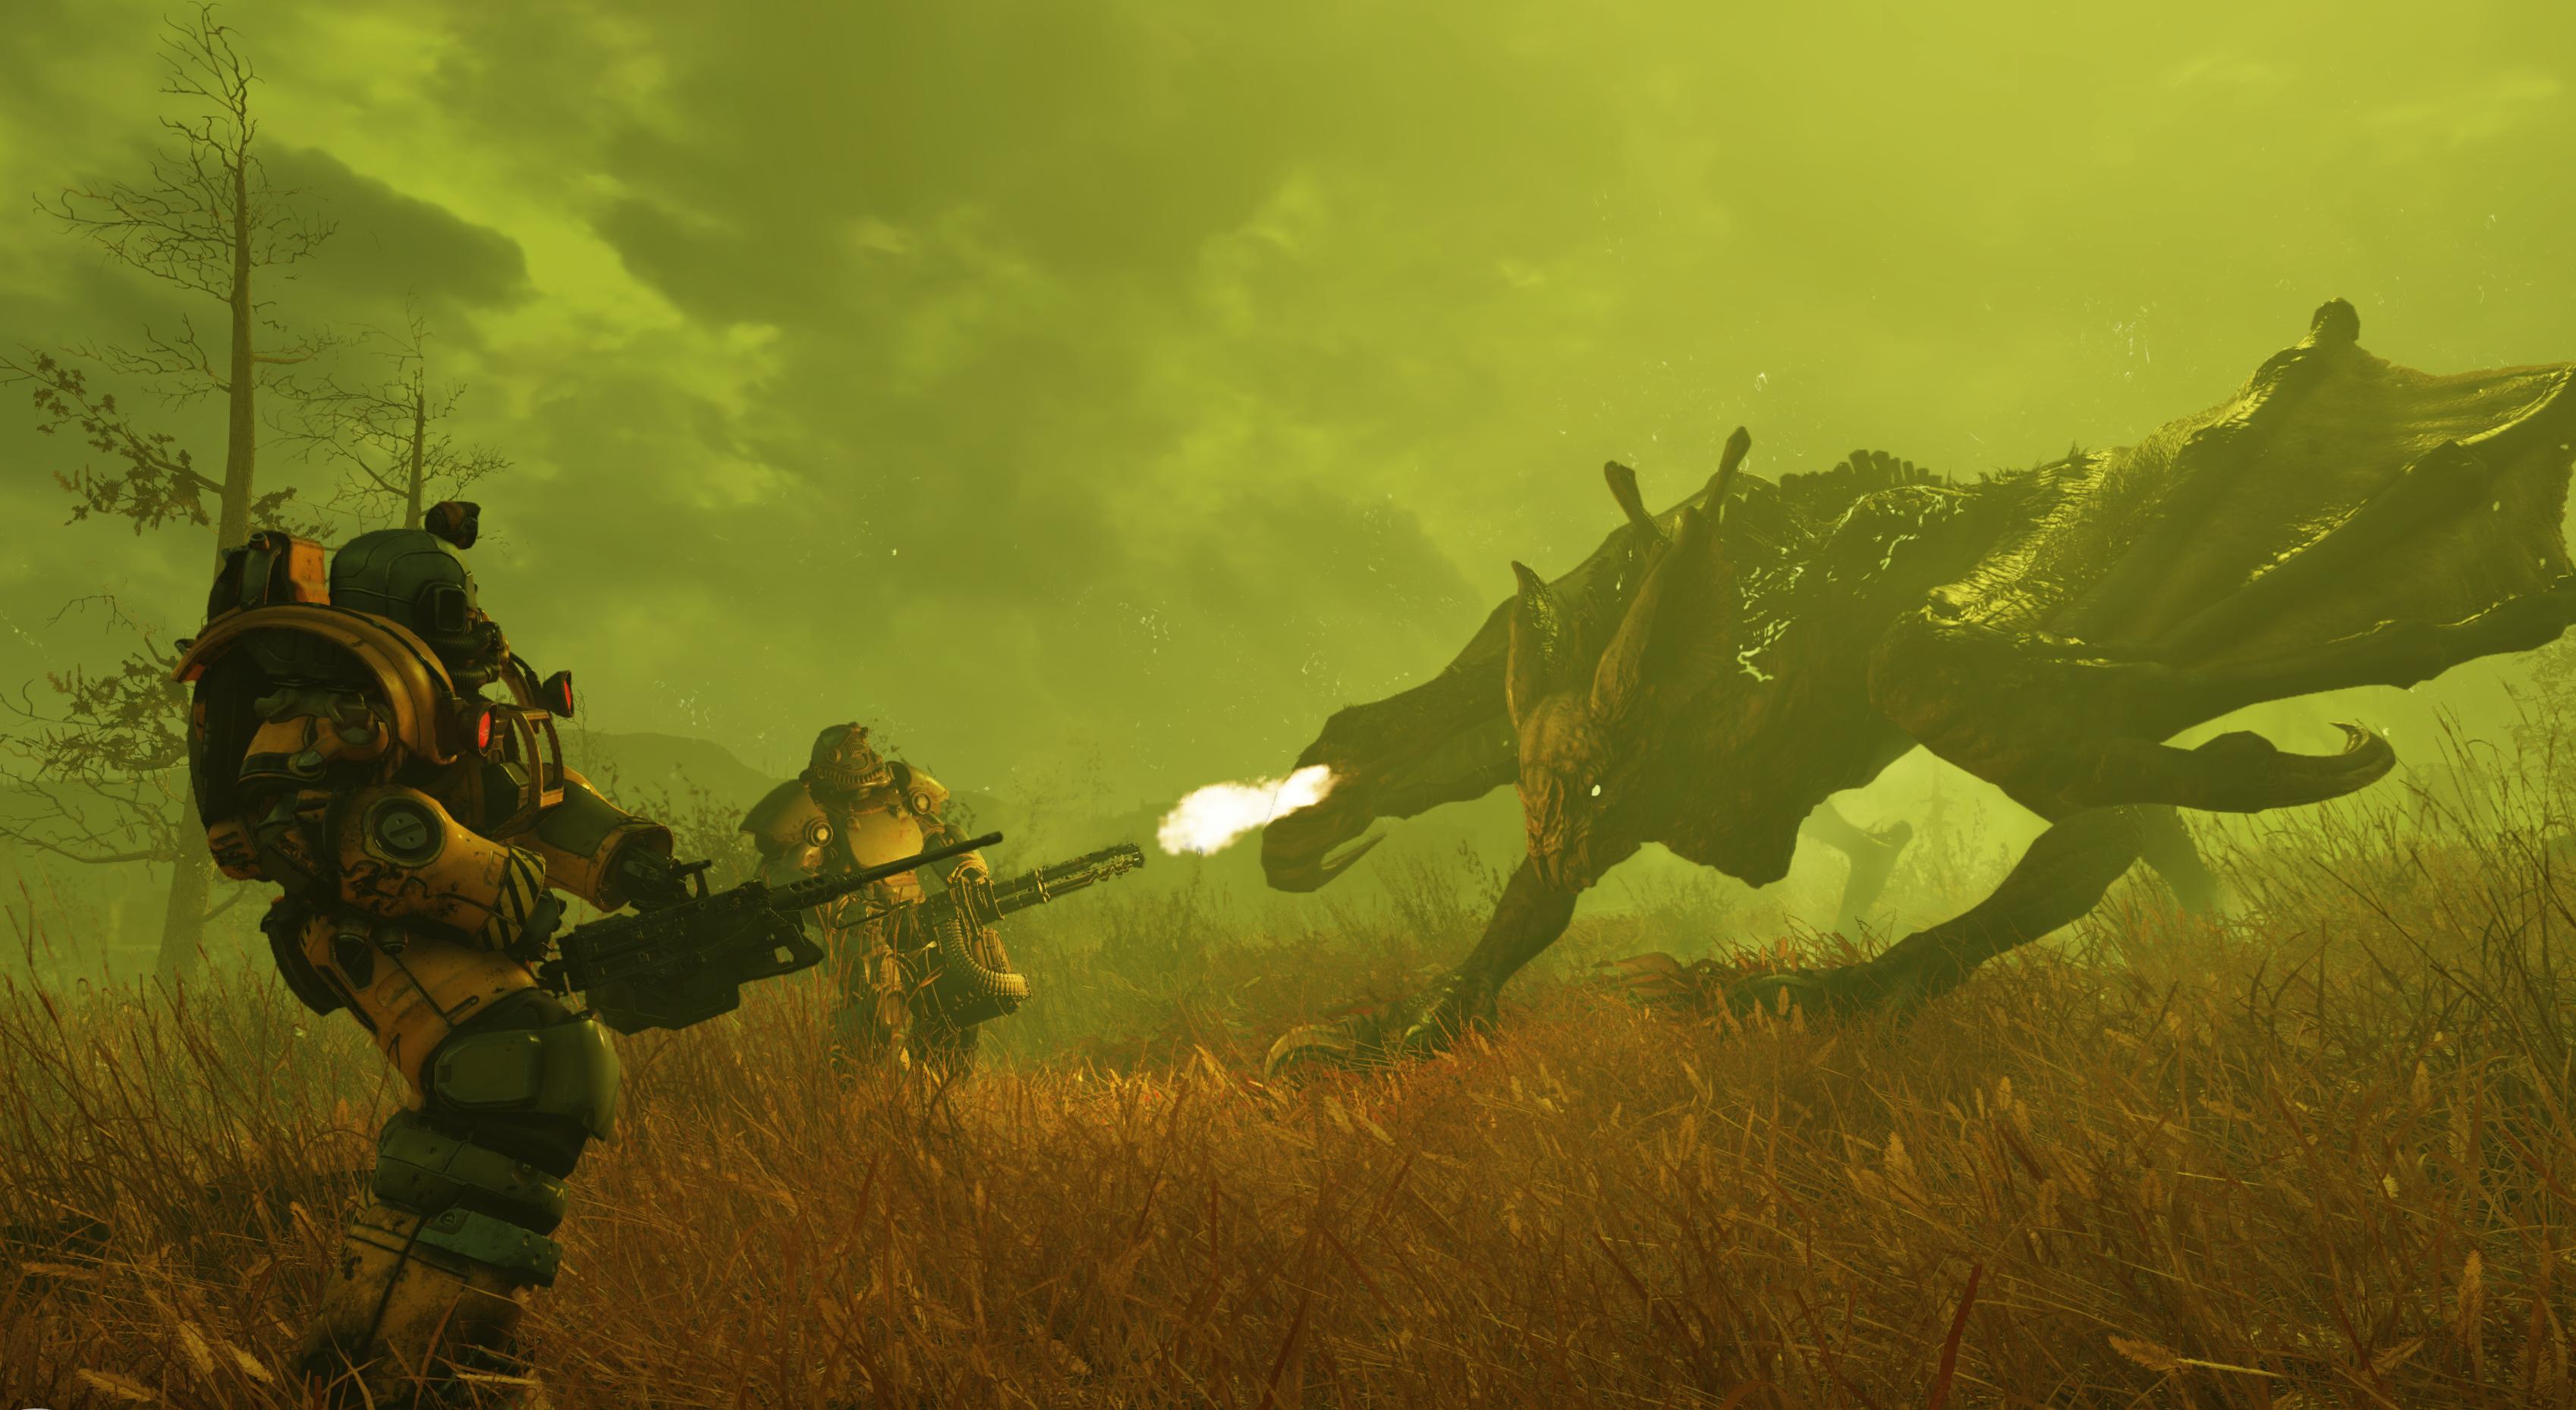 Недоработки в квестах Fallout 76 позволили игрокам устроить ядерный ад - 1